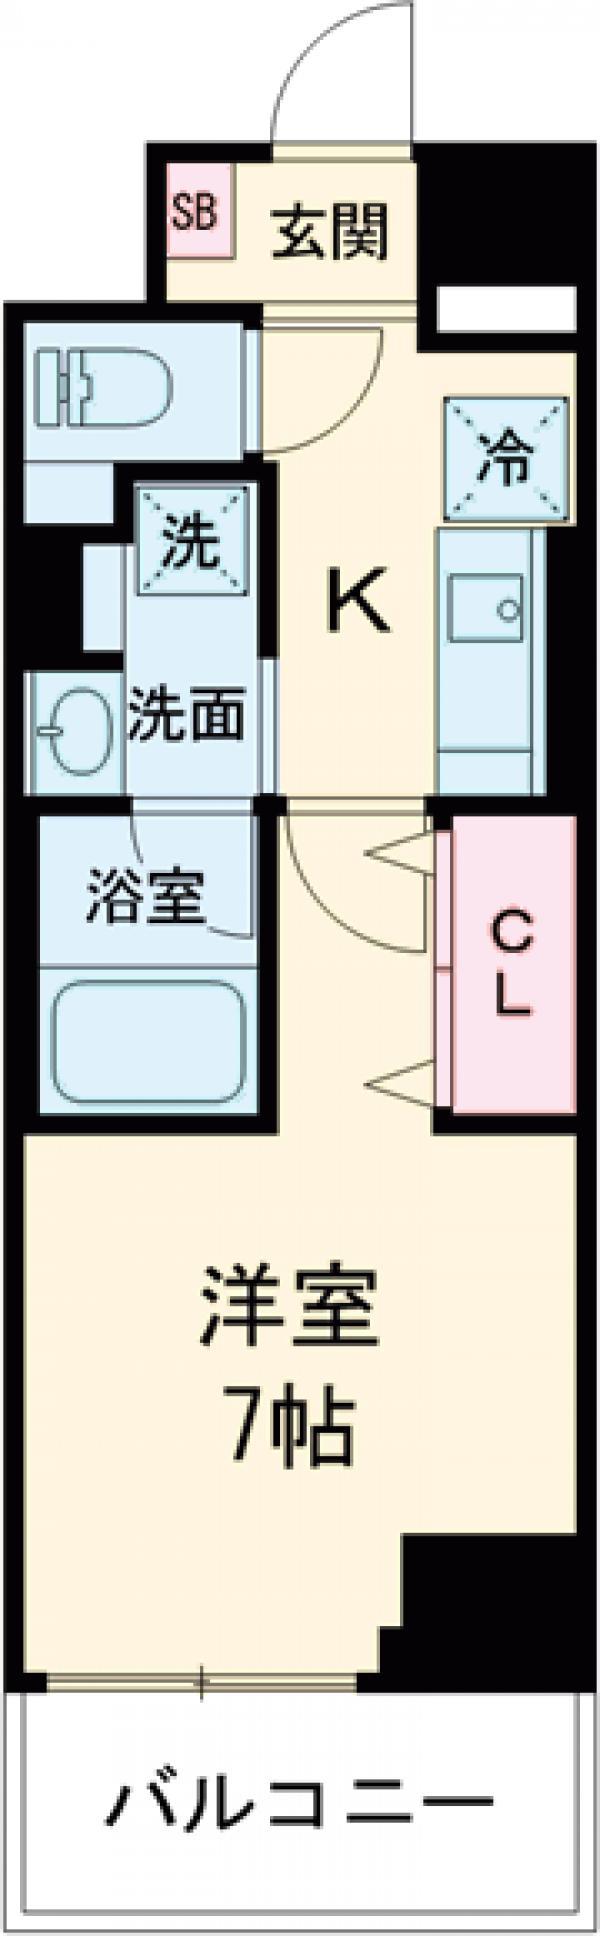 ロイジェント上野桜木・503号室の間取り